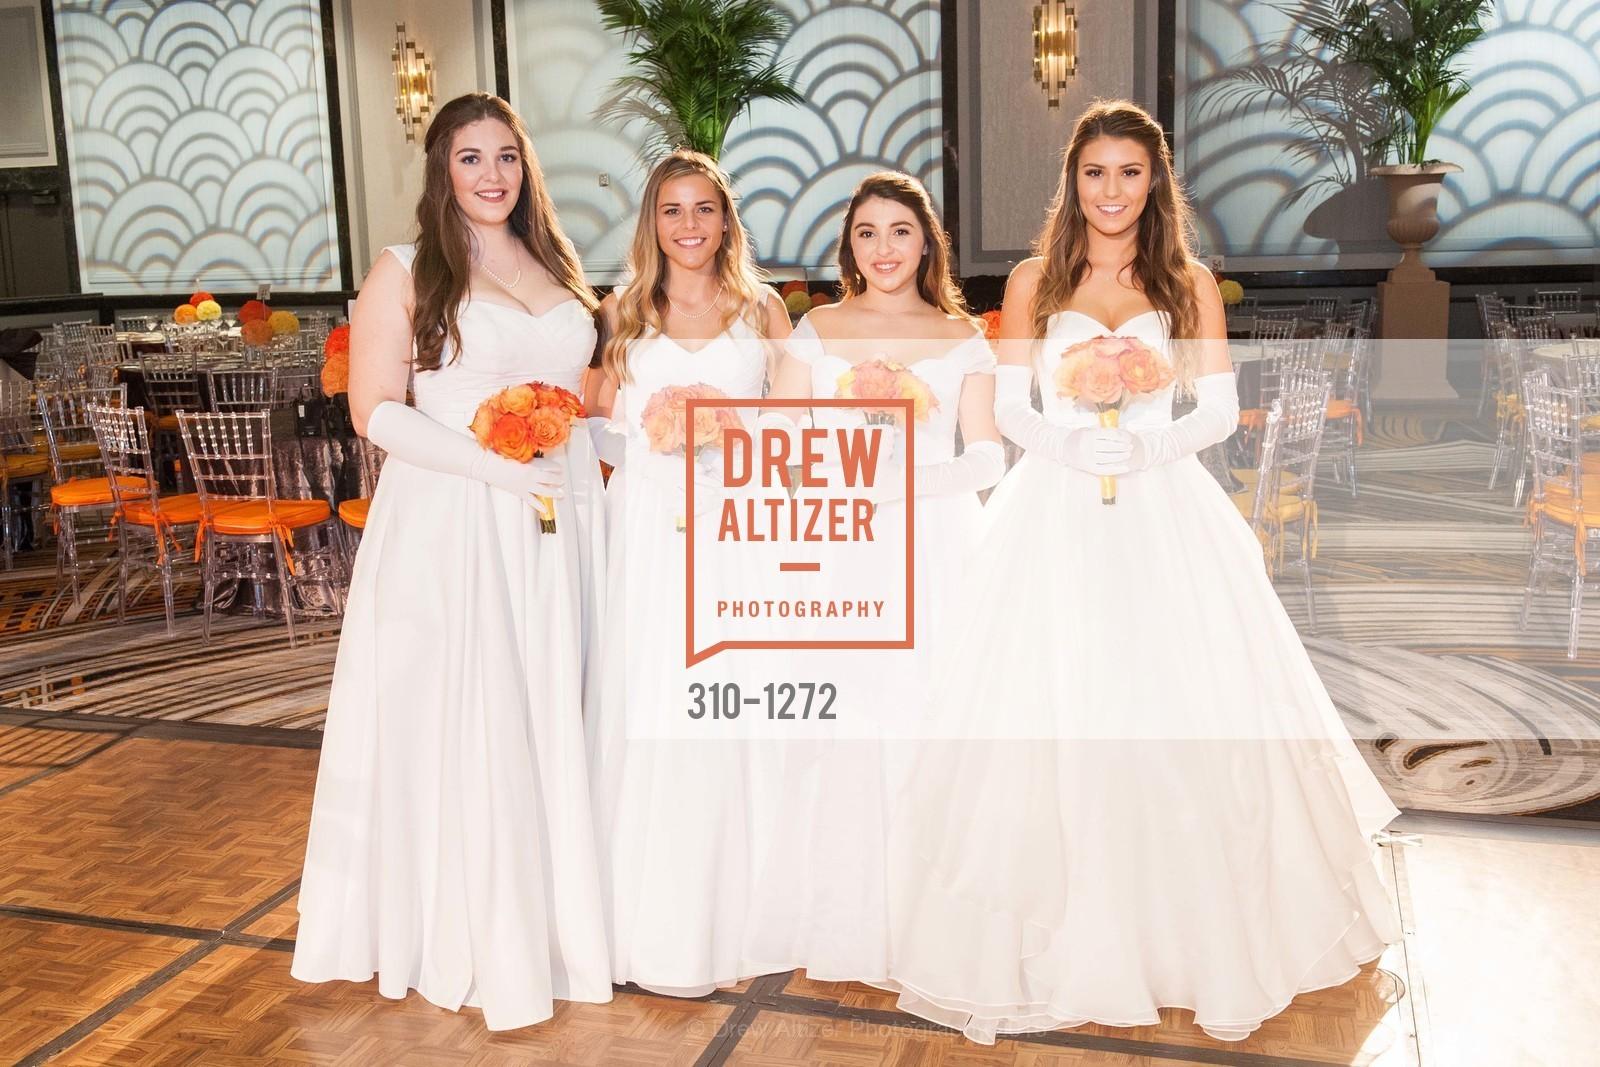 Madeleine Kelny Denebeim, Ariana Denebeim, Allton Rachel Vogel-Denebeim, Shala Monet Weir, Photo #310-1272